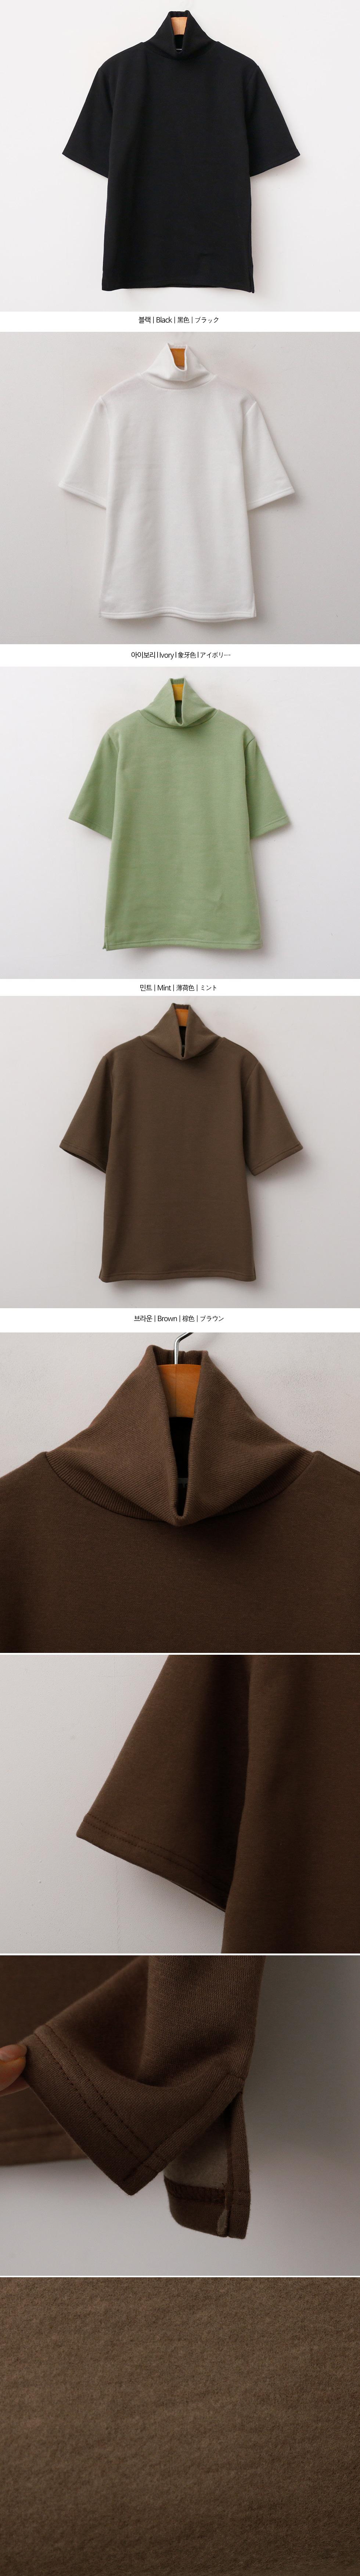 Fleece-lined Turtleneck Short Sleeve Tee